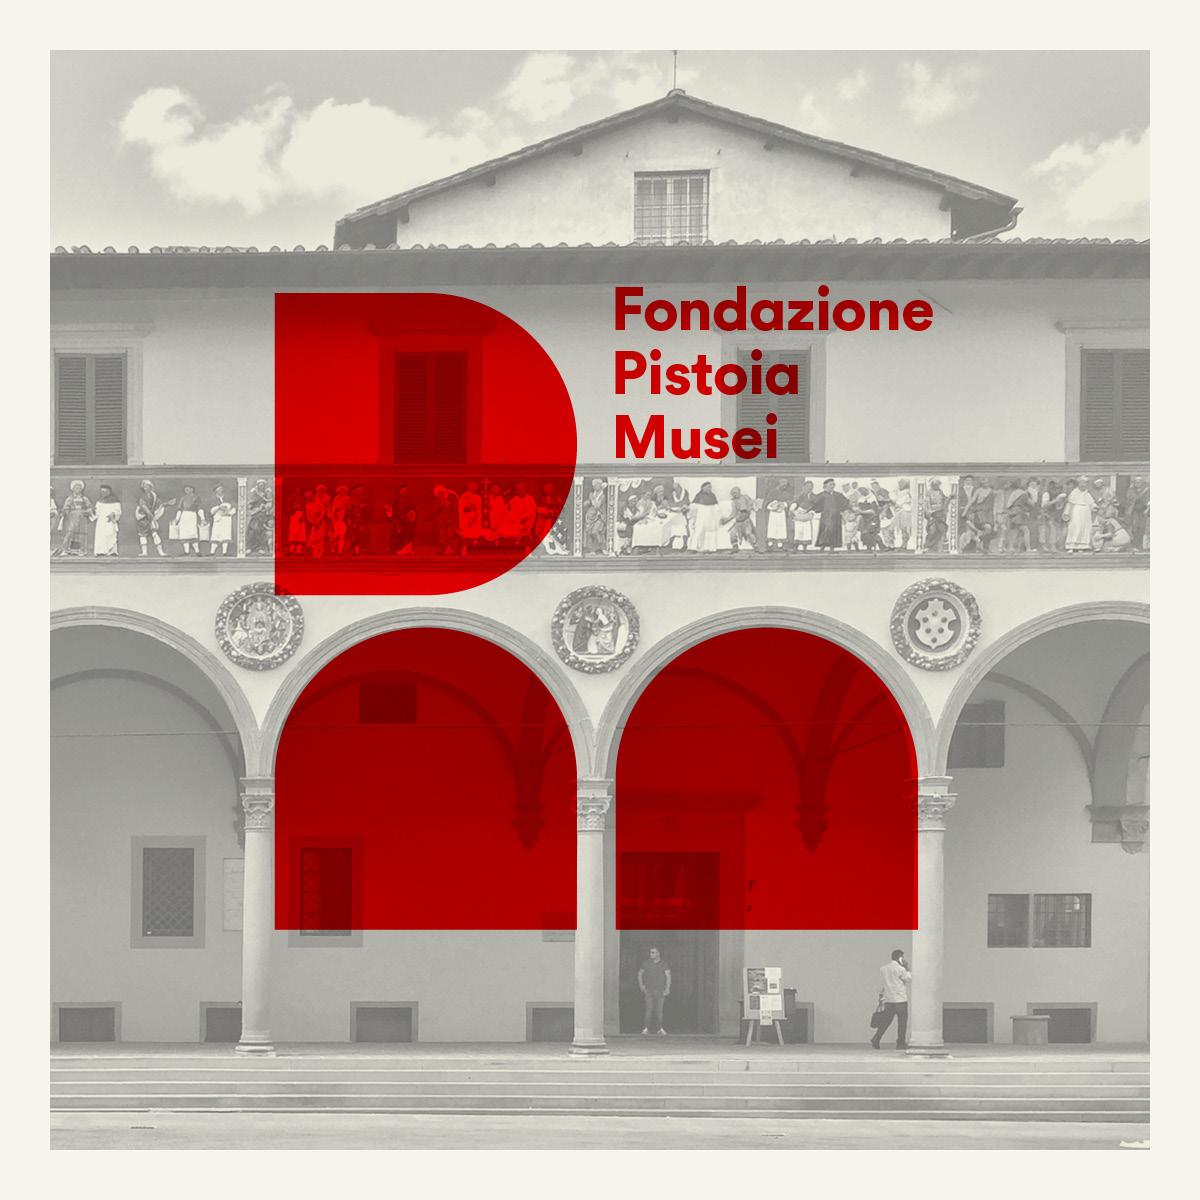 Fondazione-Pistoia-Musei-001